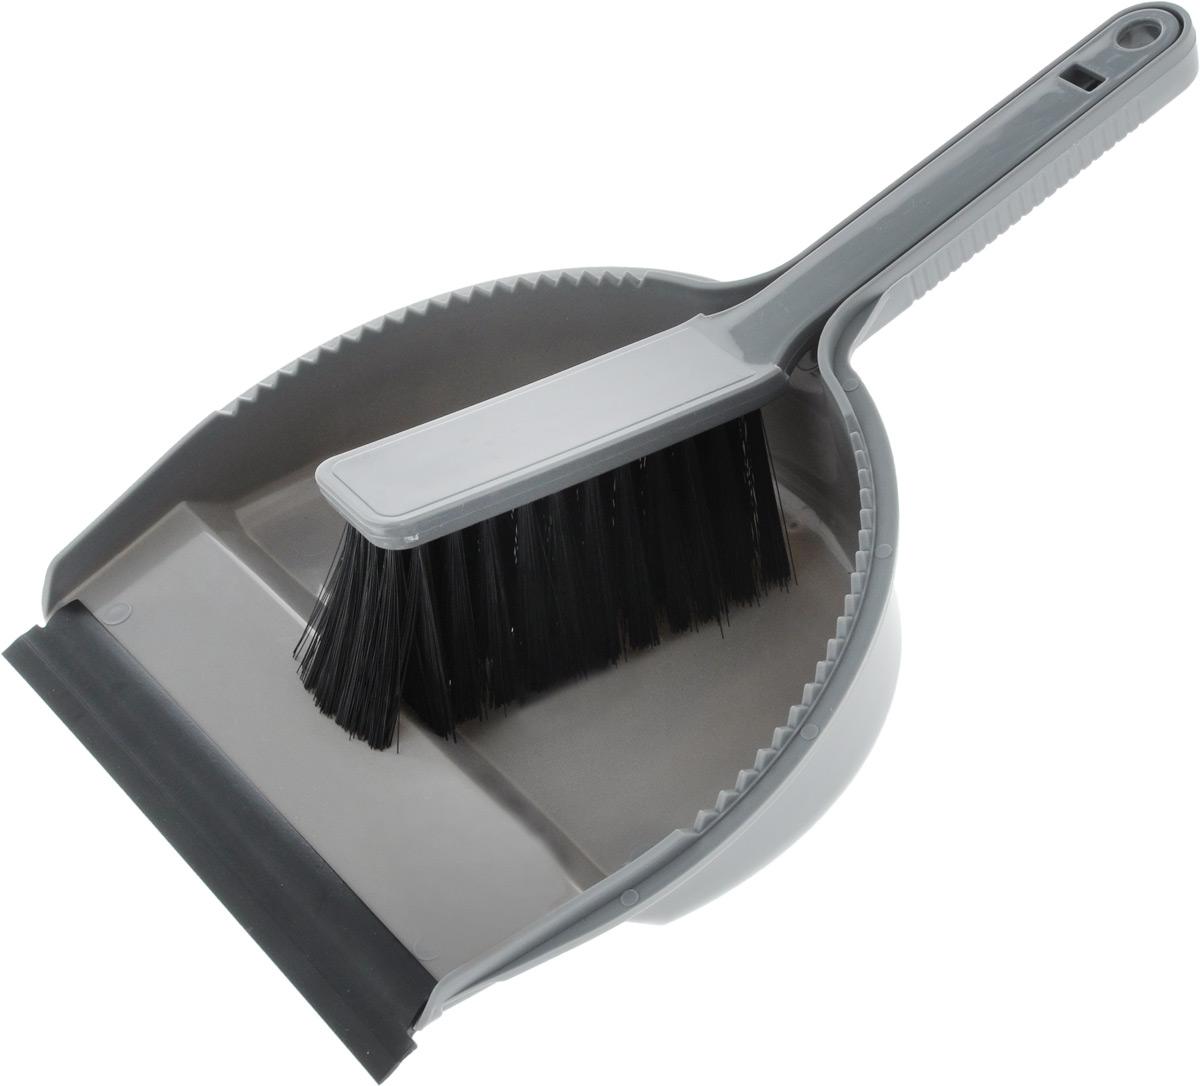 Набор для уборки Svip Лаура, с кромкой, цвет: серебряный, 2 предметаSV3026СБНабор для уборки Svip Клио, состоит из щетки-сметки и совка, выполненных из полипропилена. Он станет незаменимым помощником в деле удаления пыли и мусора с различных поверхностей. Ворс щетки достаточно длинный, что позволяет собирать даже крупный мусор. Края совка оснащены зубчиками для чистки щетки после ее использования. Совок имеет резиновую кромку,благодаря которой удобнее собирать мусор. Ручка совка позволяет прикреплять его к рукоятке щетки. На рукояти изделий имеется специальное отверстие для подвешивания. Длина щетки-сметки: 25,2 см. Длина ворса: 5,5 см. Размер рабочей поверхности совка: 18,5 х 19 см. Размер совка (с учетом ручки): 33 х 19 х 6 см.